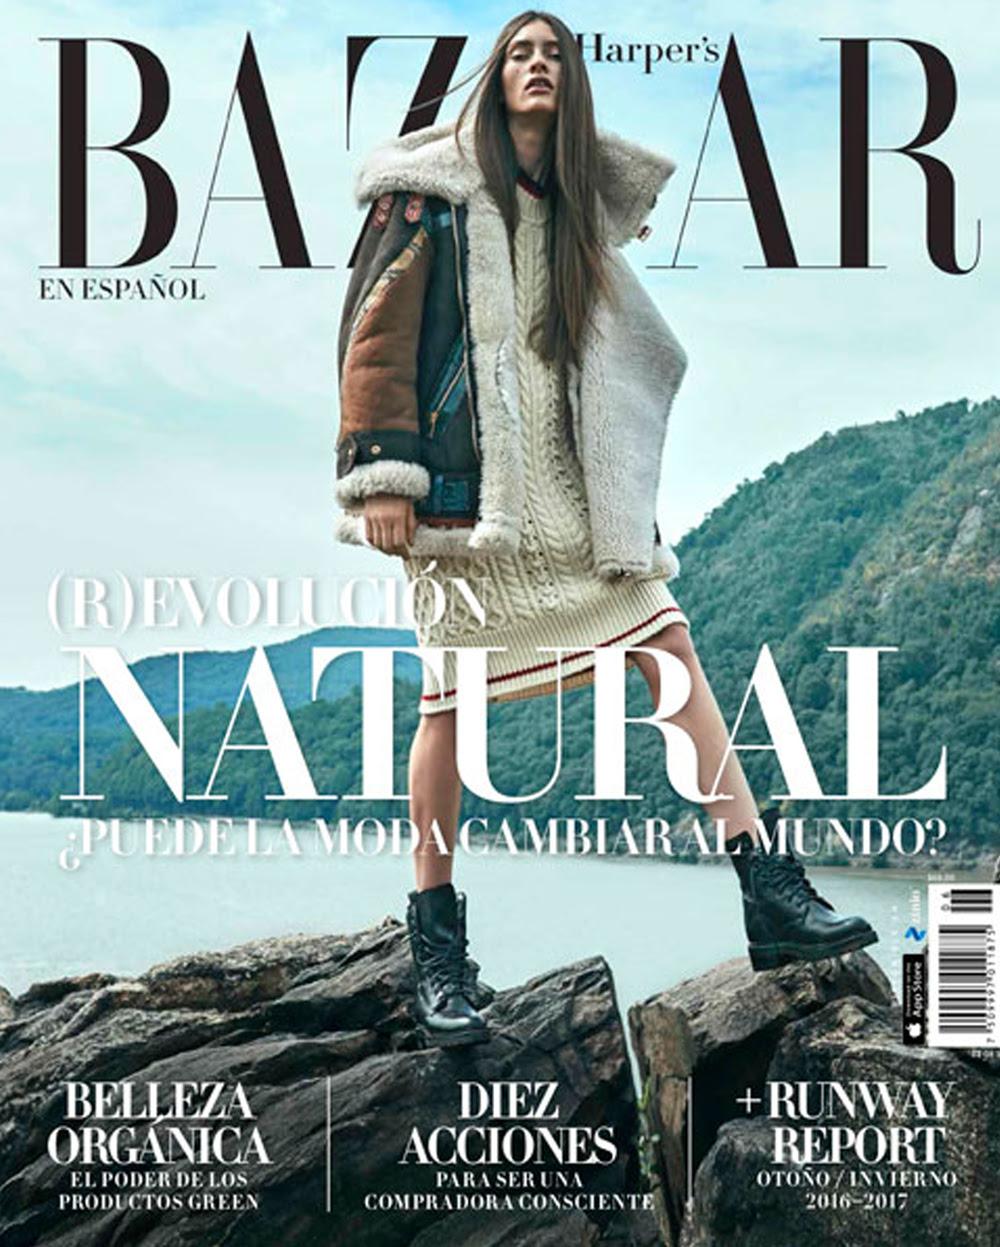 Harper's Bazar, 2016